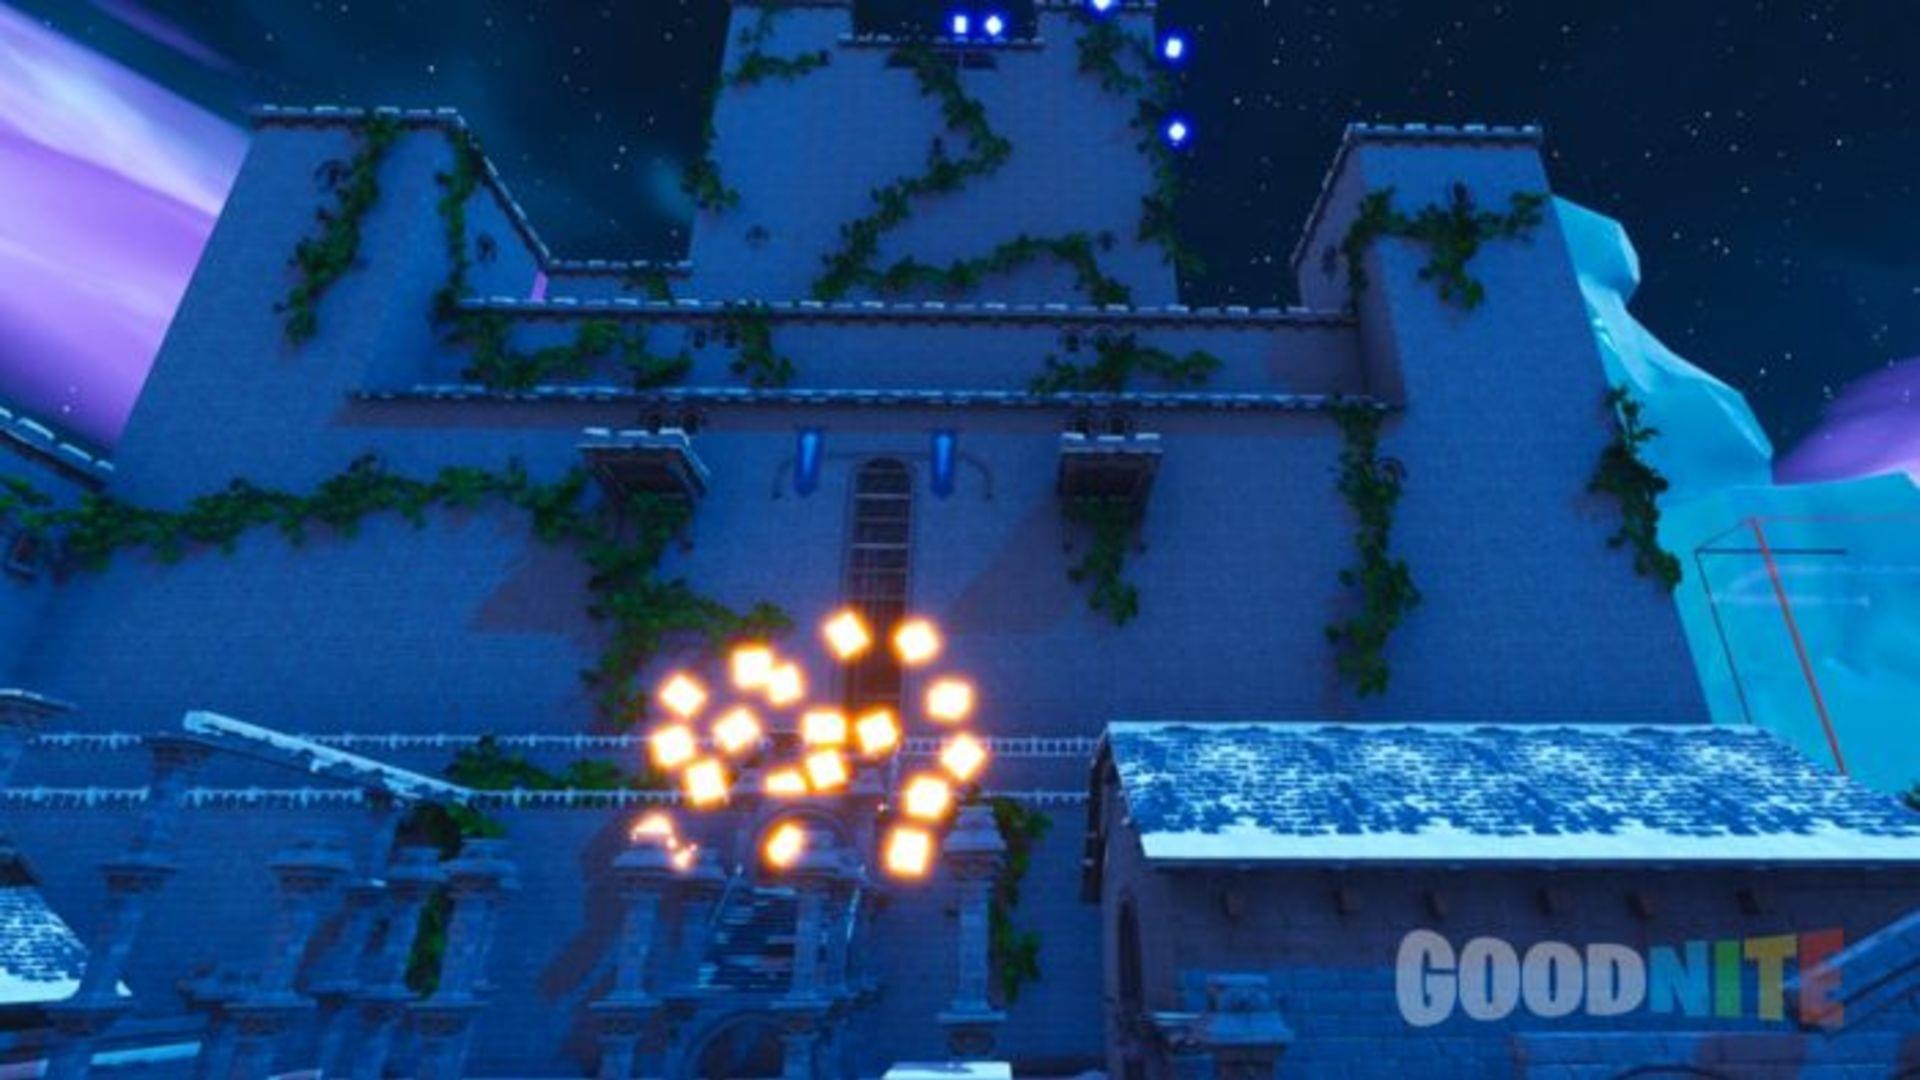 fortnite creative frozen hell by kryw - code de fortnite mode creatif